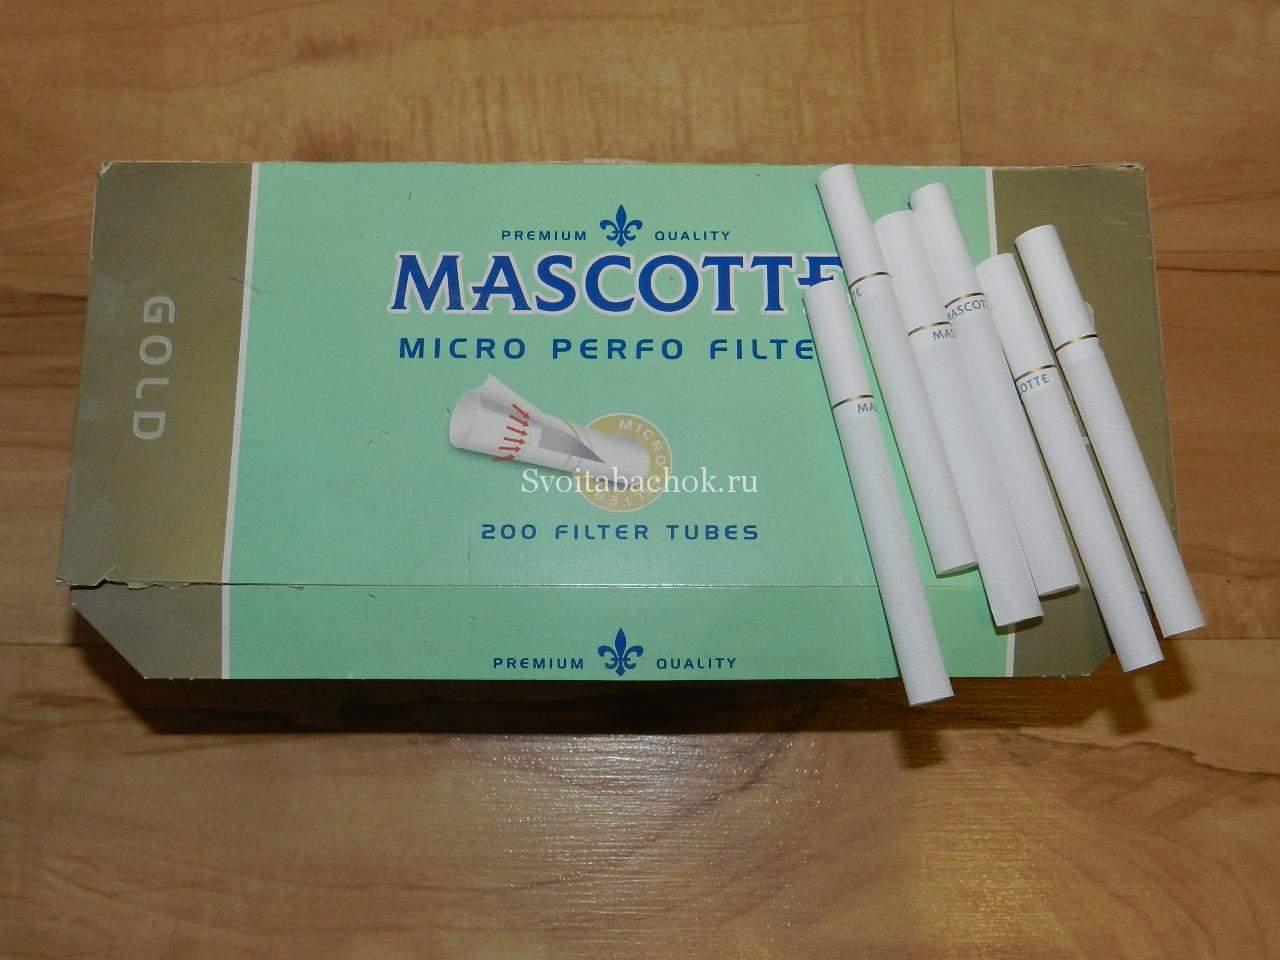 Фильтр и бумага для сигарет купить электронные сигареты в ярославле купить